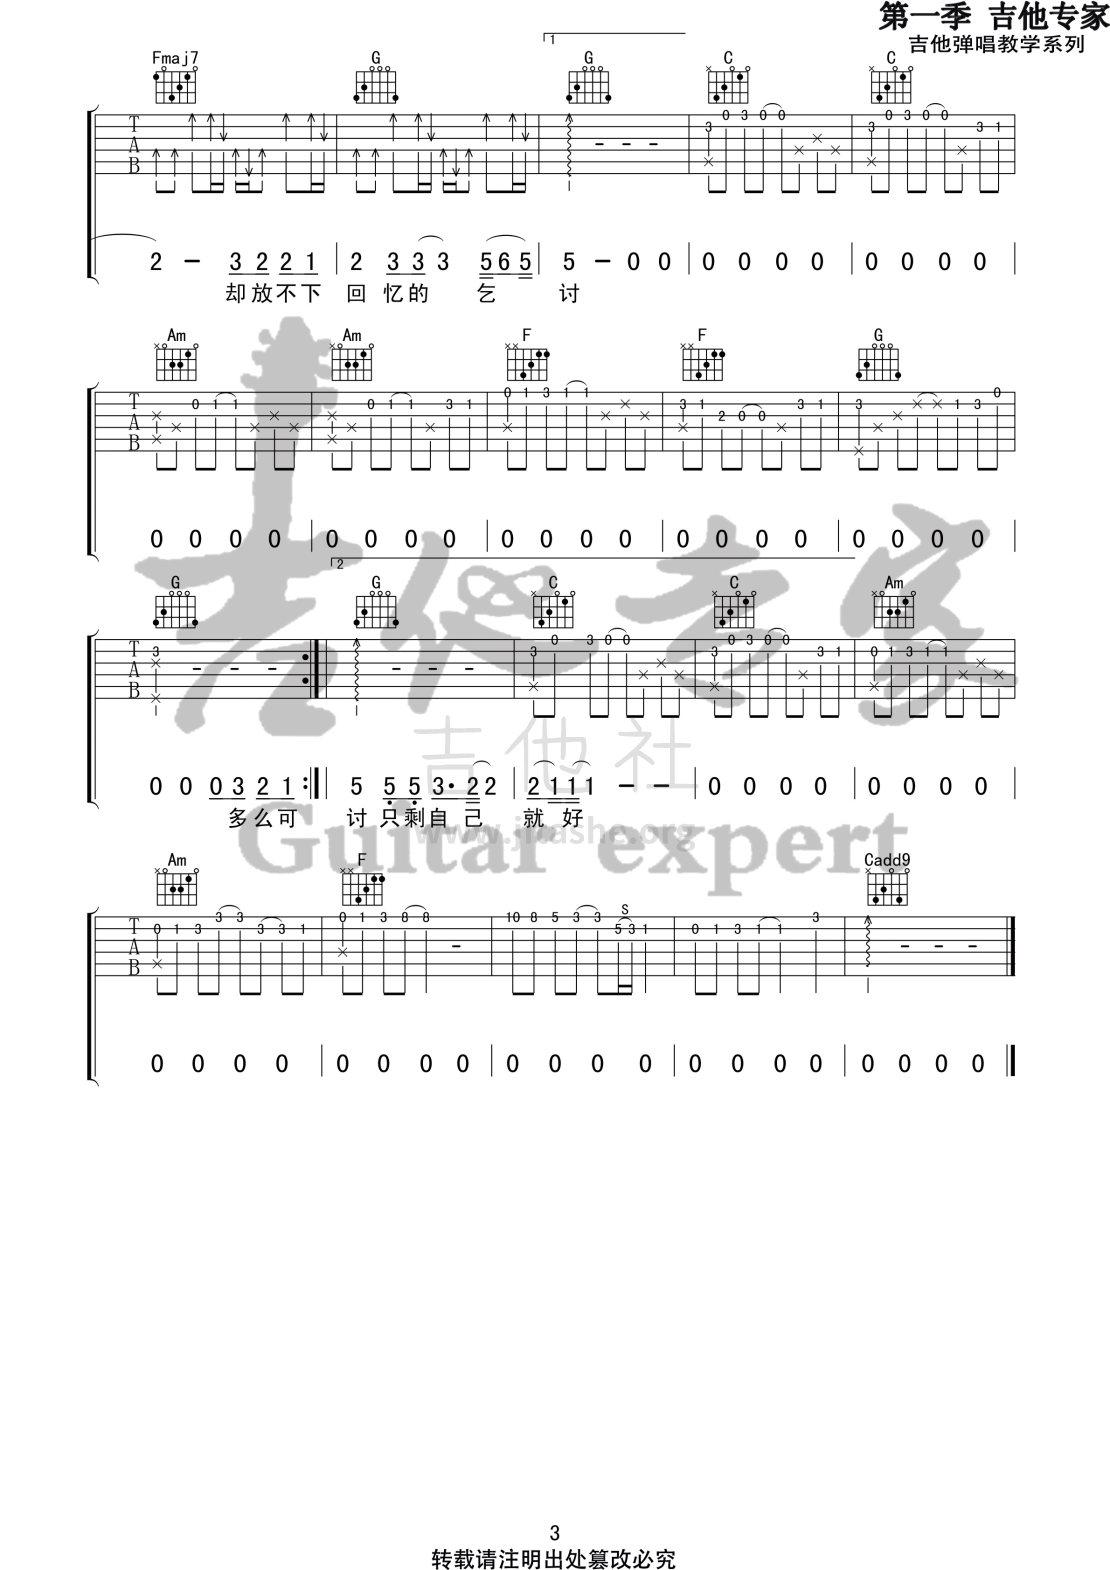 像鱼(音艺吉他专家弹唱教学:第一季第12集)吉他谱(图片谱,弹唱,伴奏,教程)_王贰浪_像鱼3 第一季第十二集.jpg